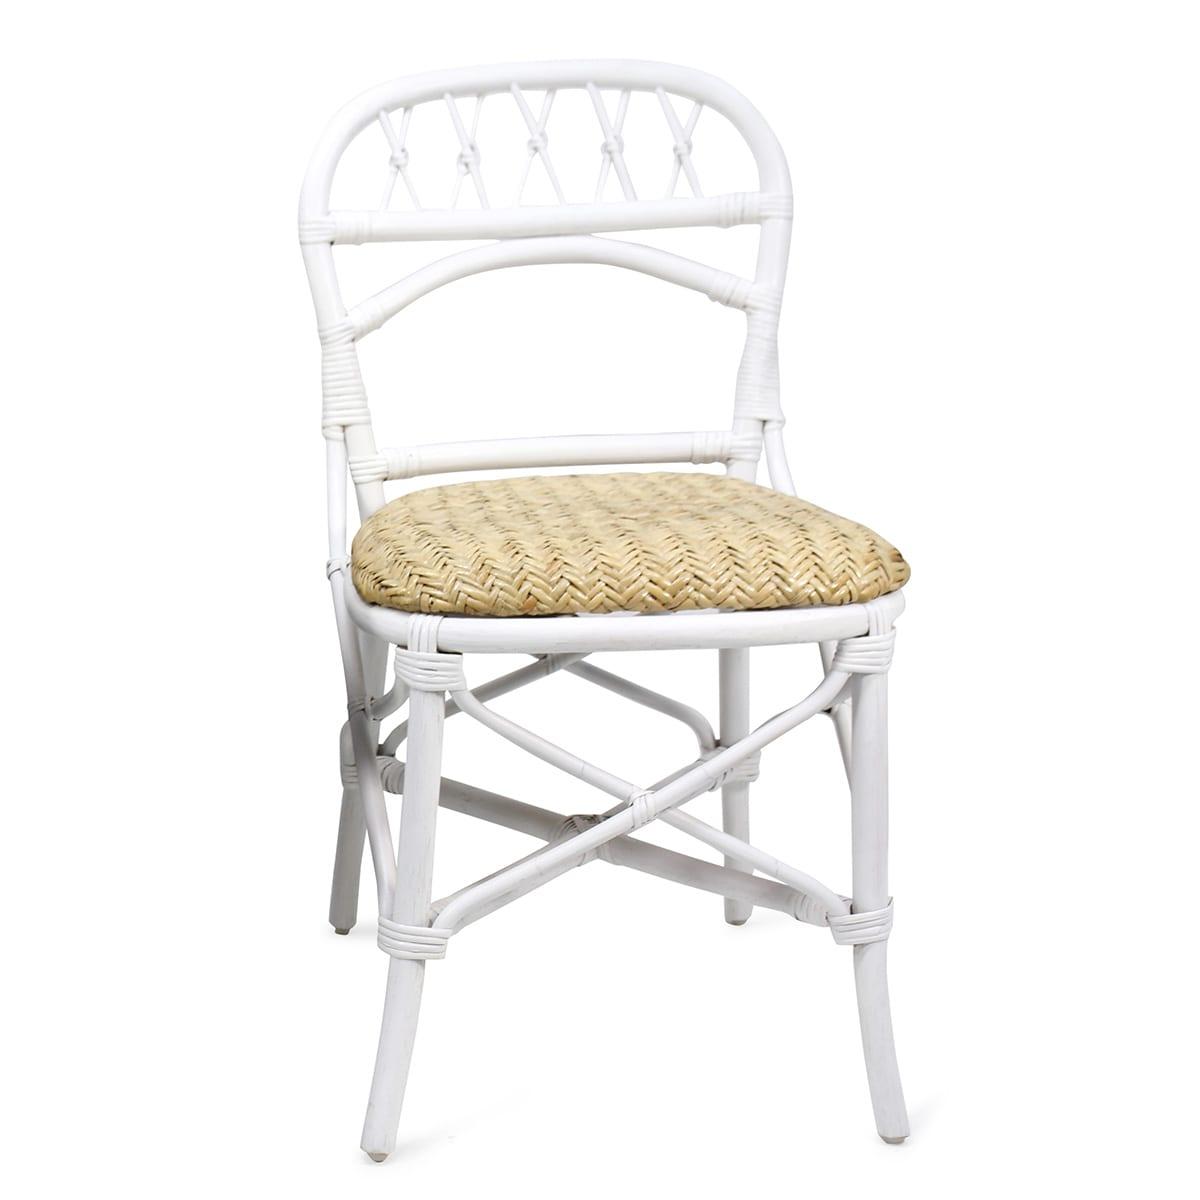 chaise de bar rotin disponible en noire marron et blanche. Black Bedroom Furniture Sets. Home Design Ideas